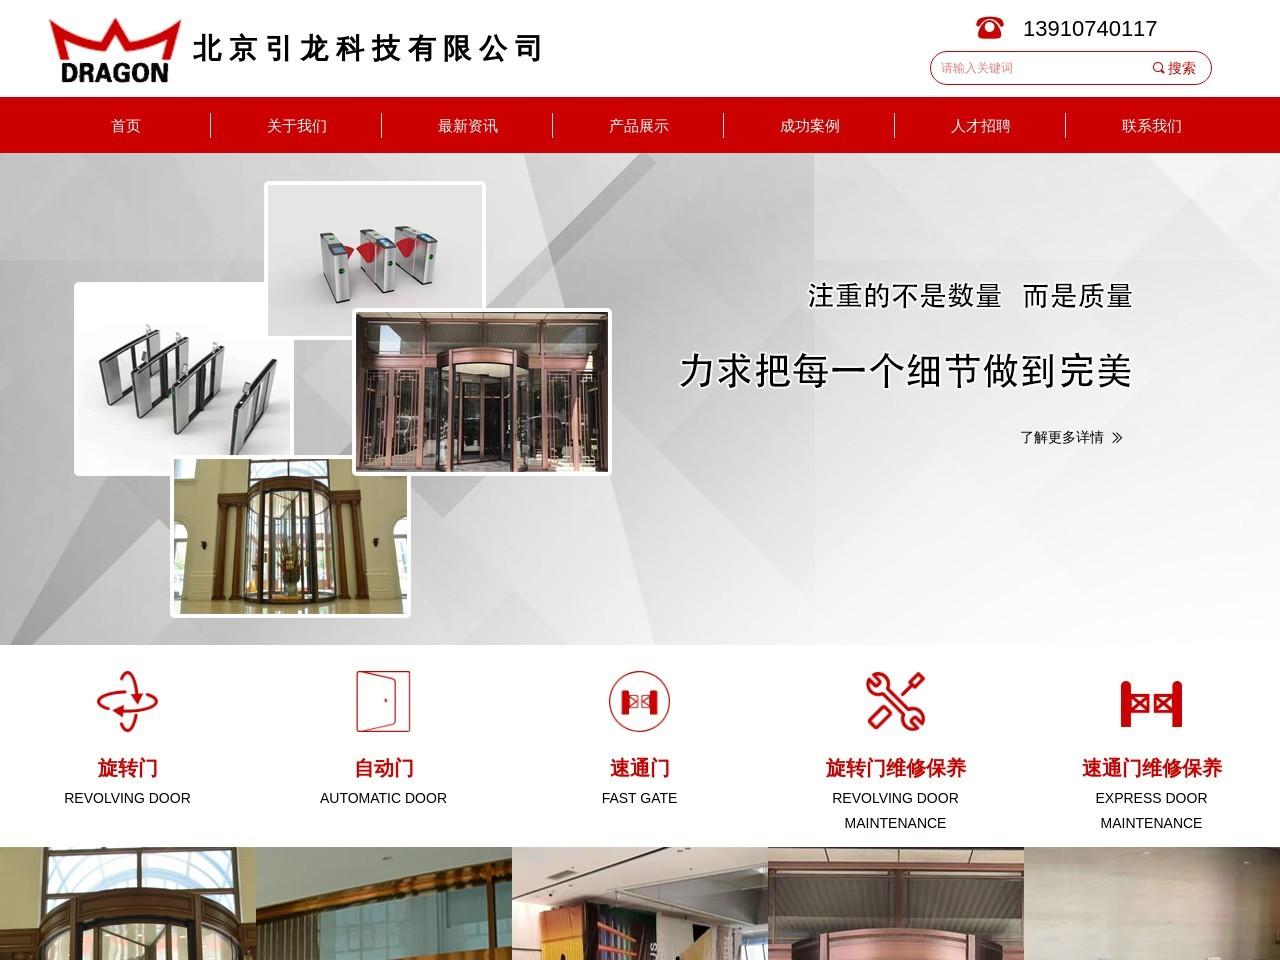 北京引龙科技有限公司